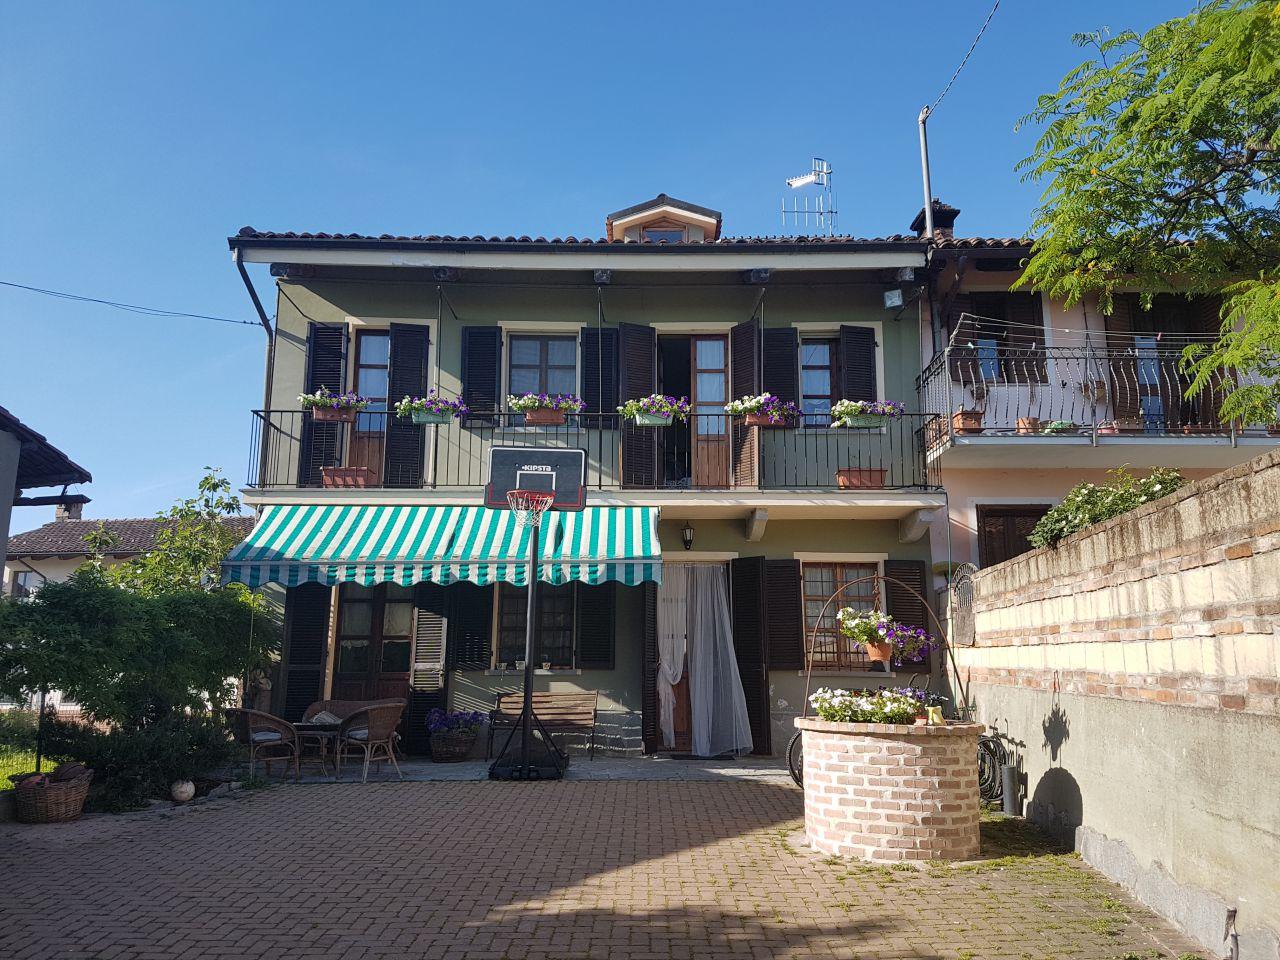 Soluzione Indipendente in vendita a Verrua Savoia, 7 locali, prezzo € 162.000 | CambioCasa.it